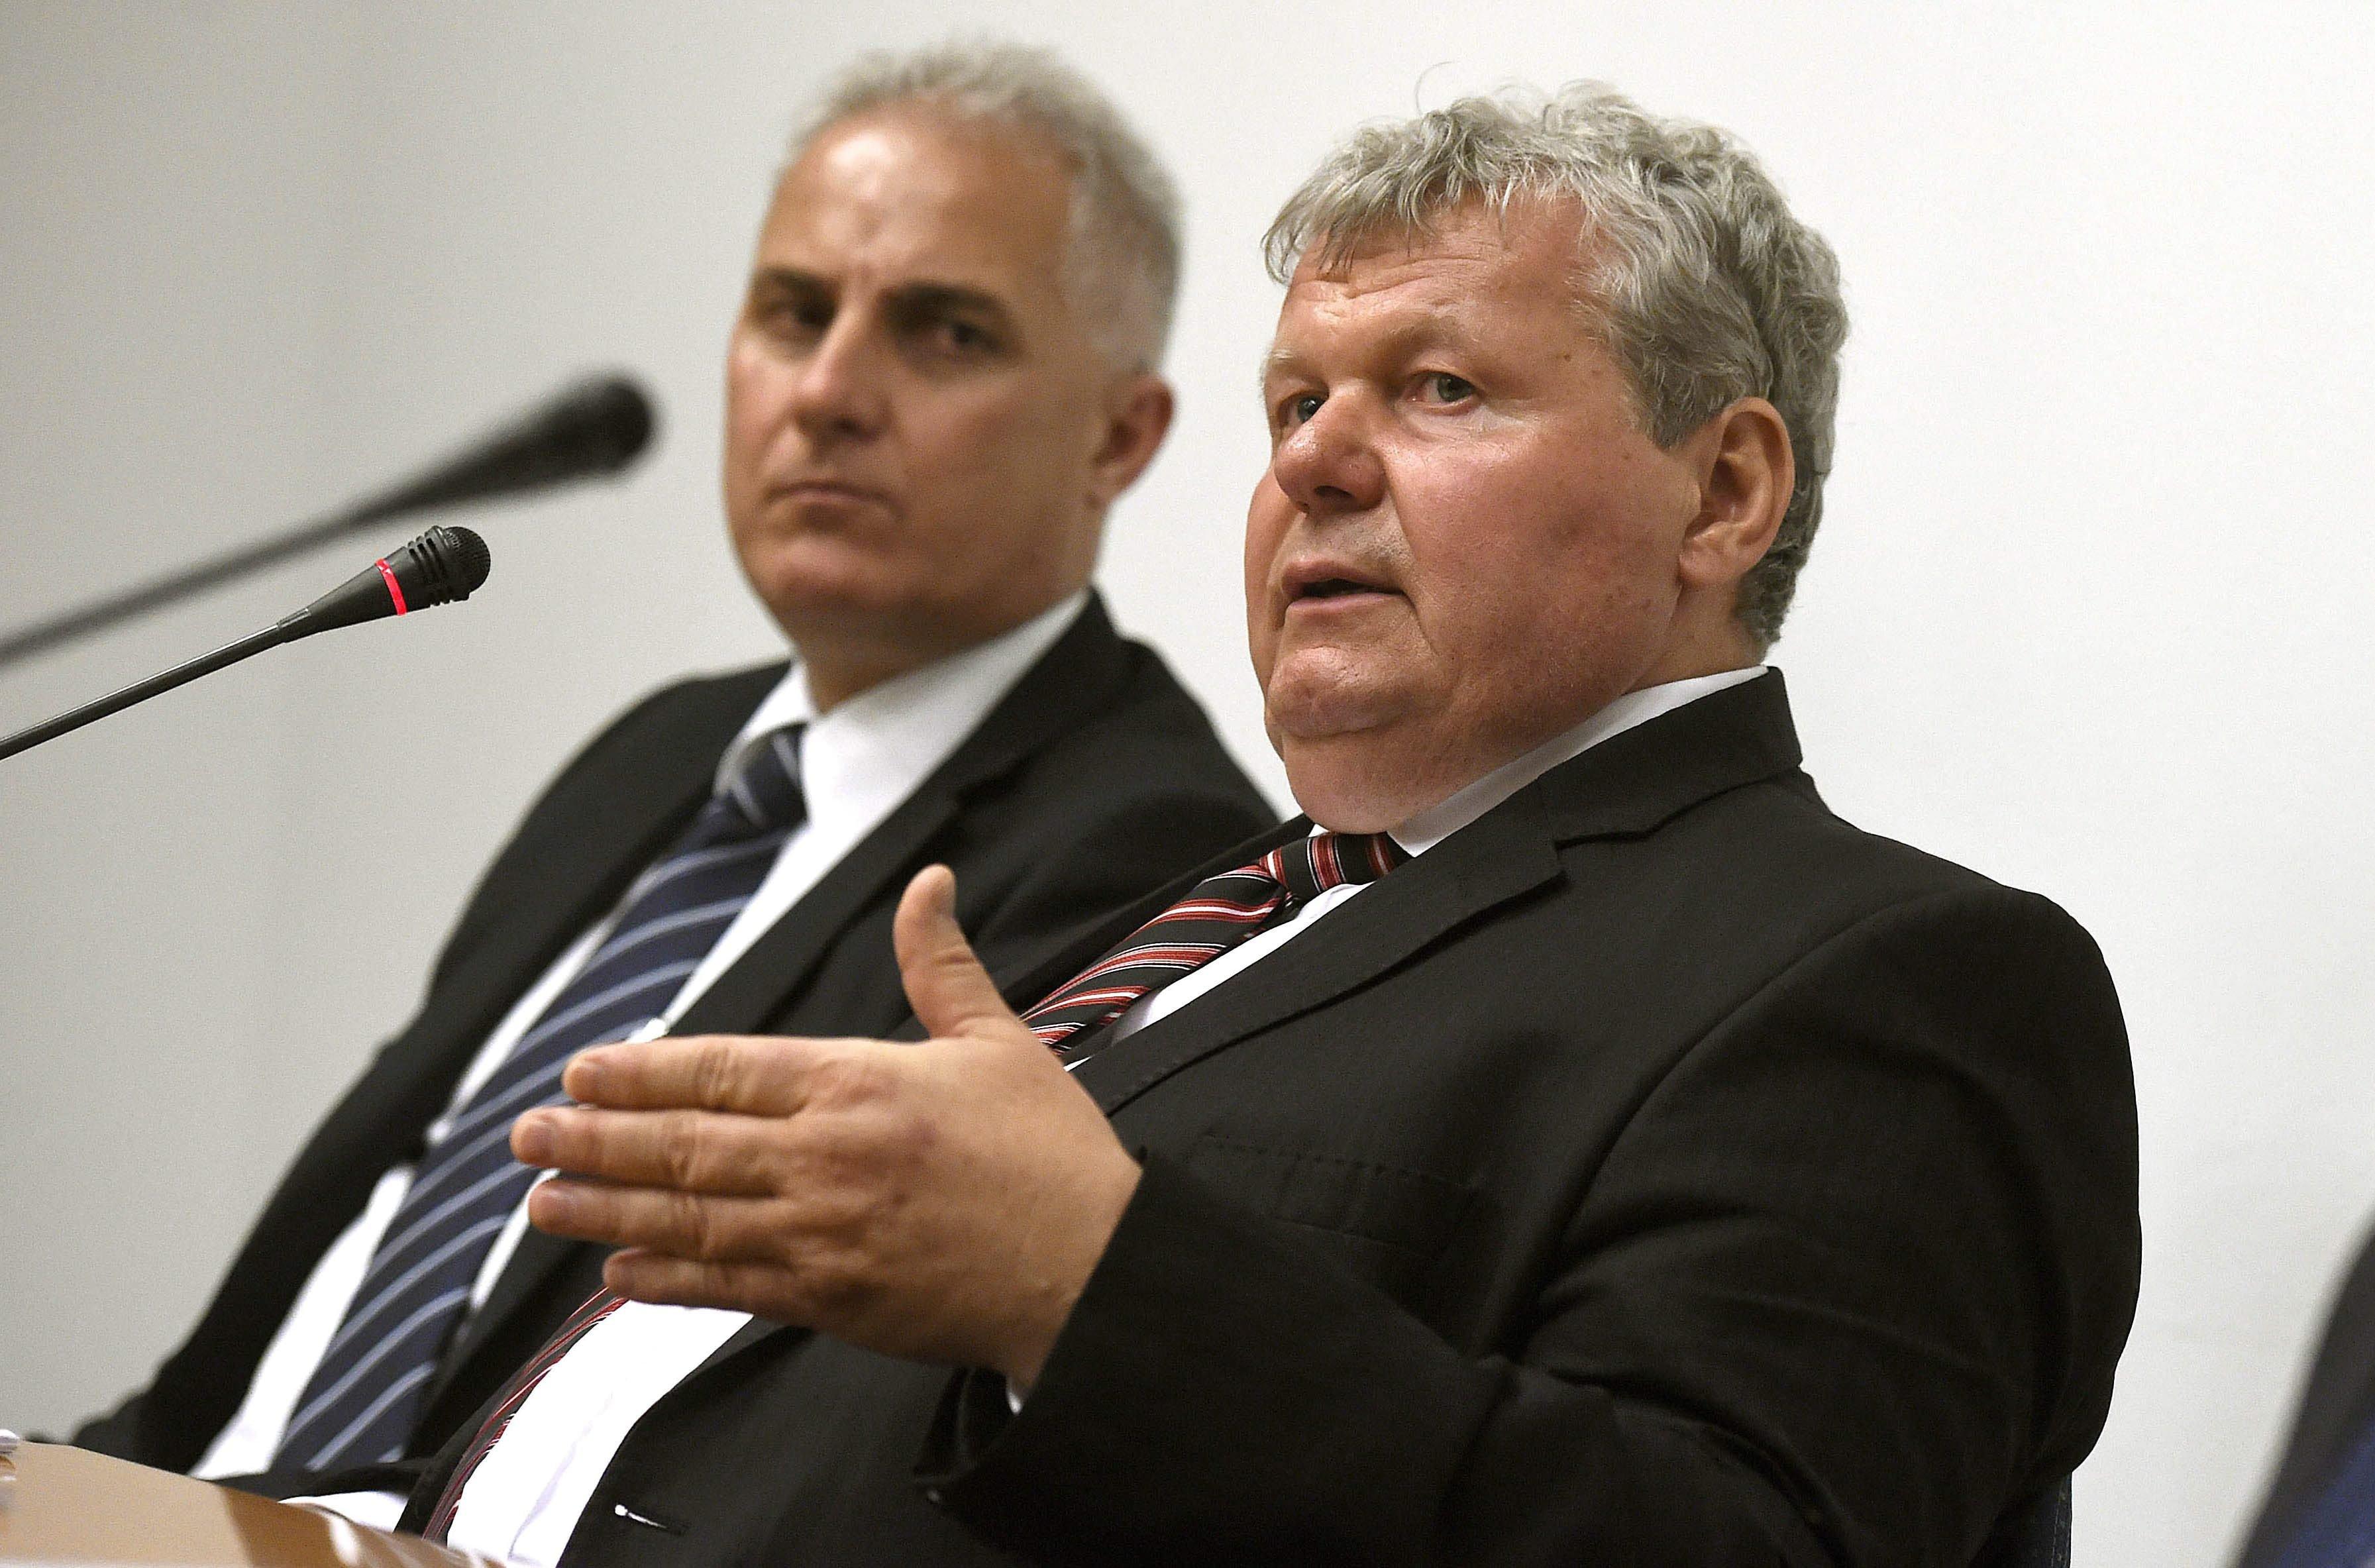 Csak egyetlen sajtótájékoztatót tartott eddig a Paks-ügyi miniszter, de Varga Mihály gazdasági miniszter máris tagadja az ott elhangzottakat